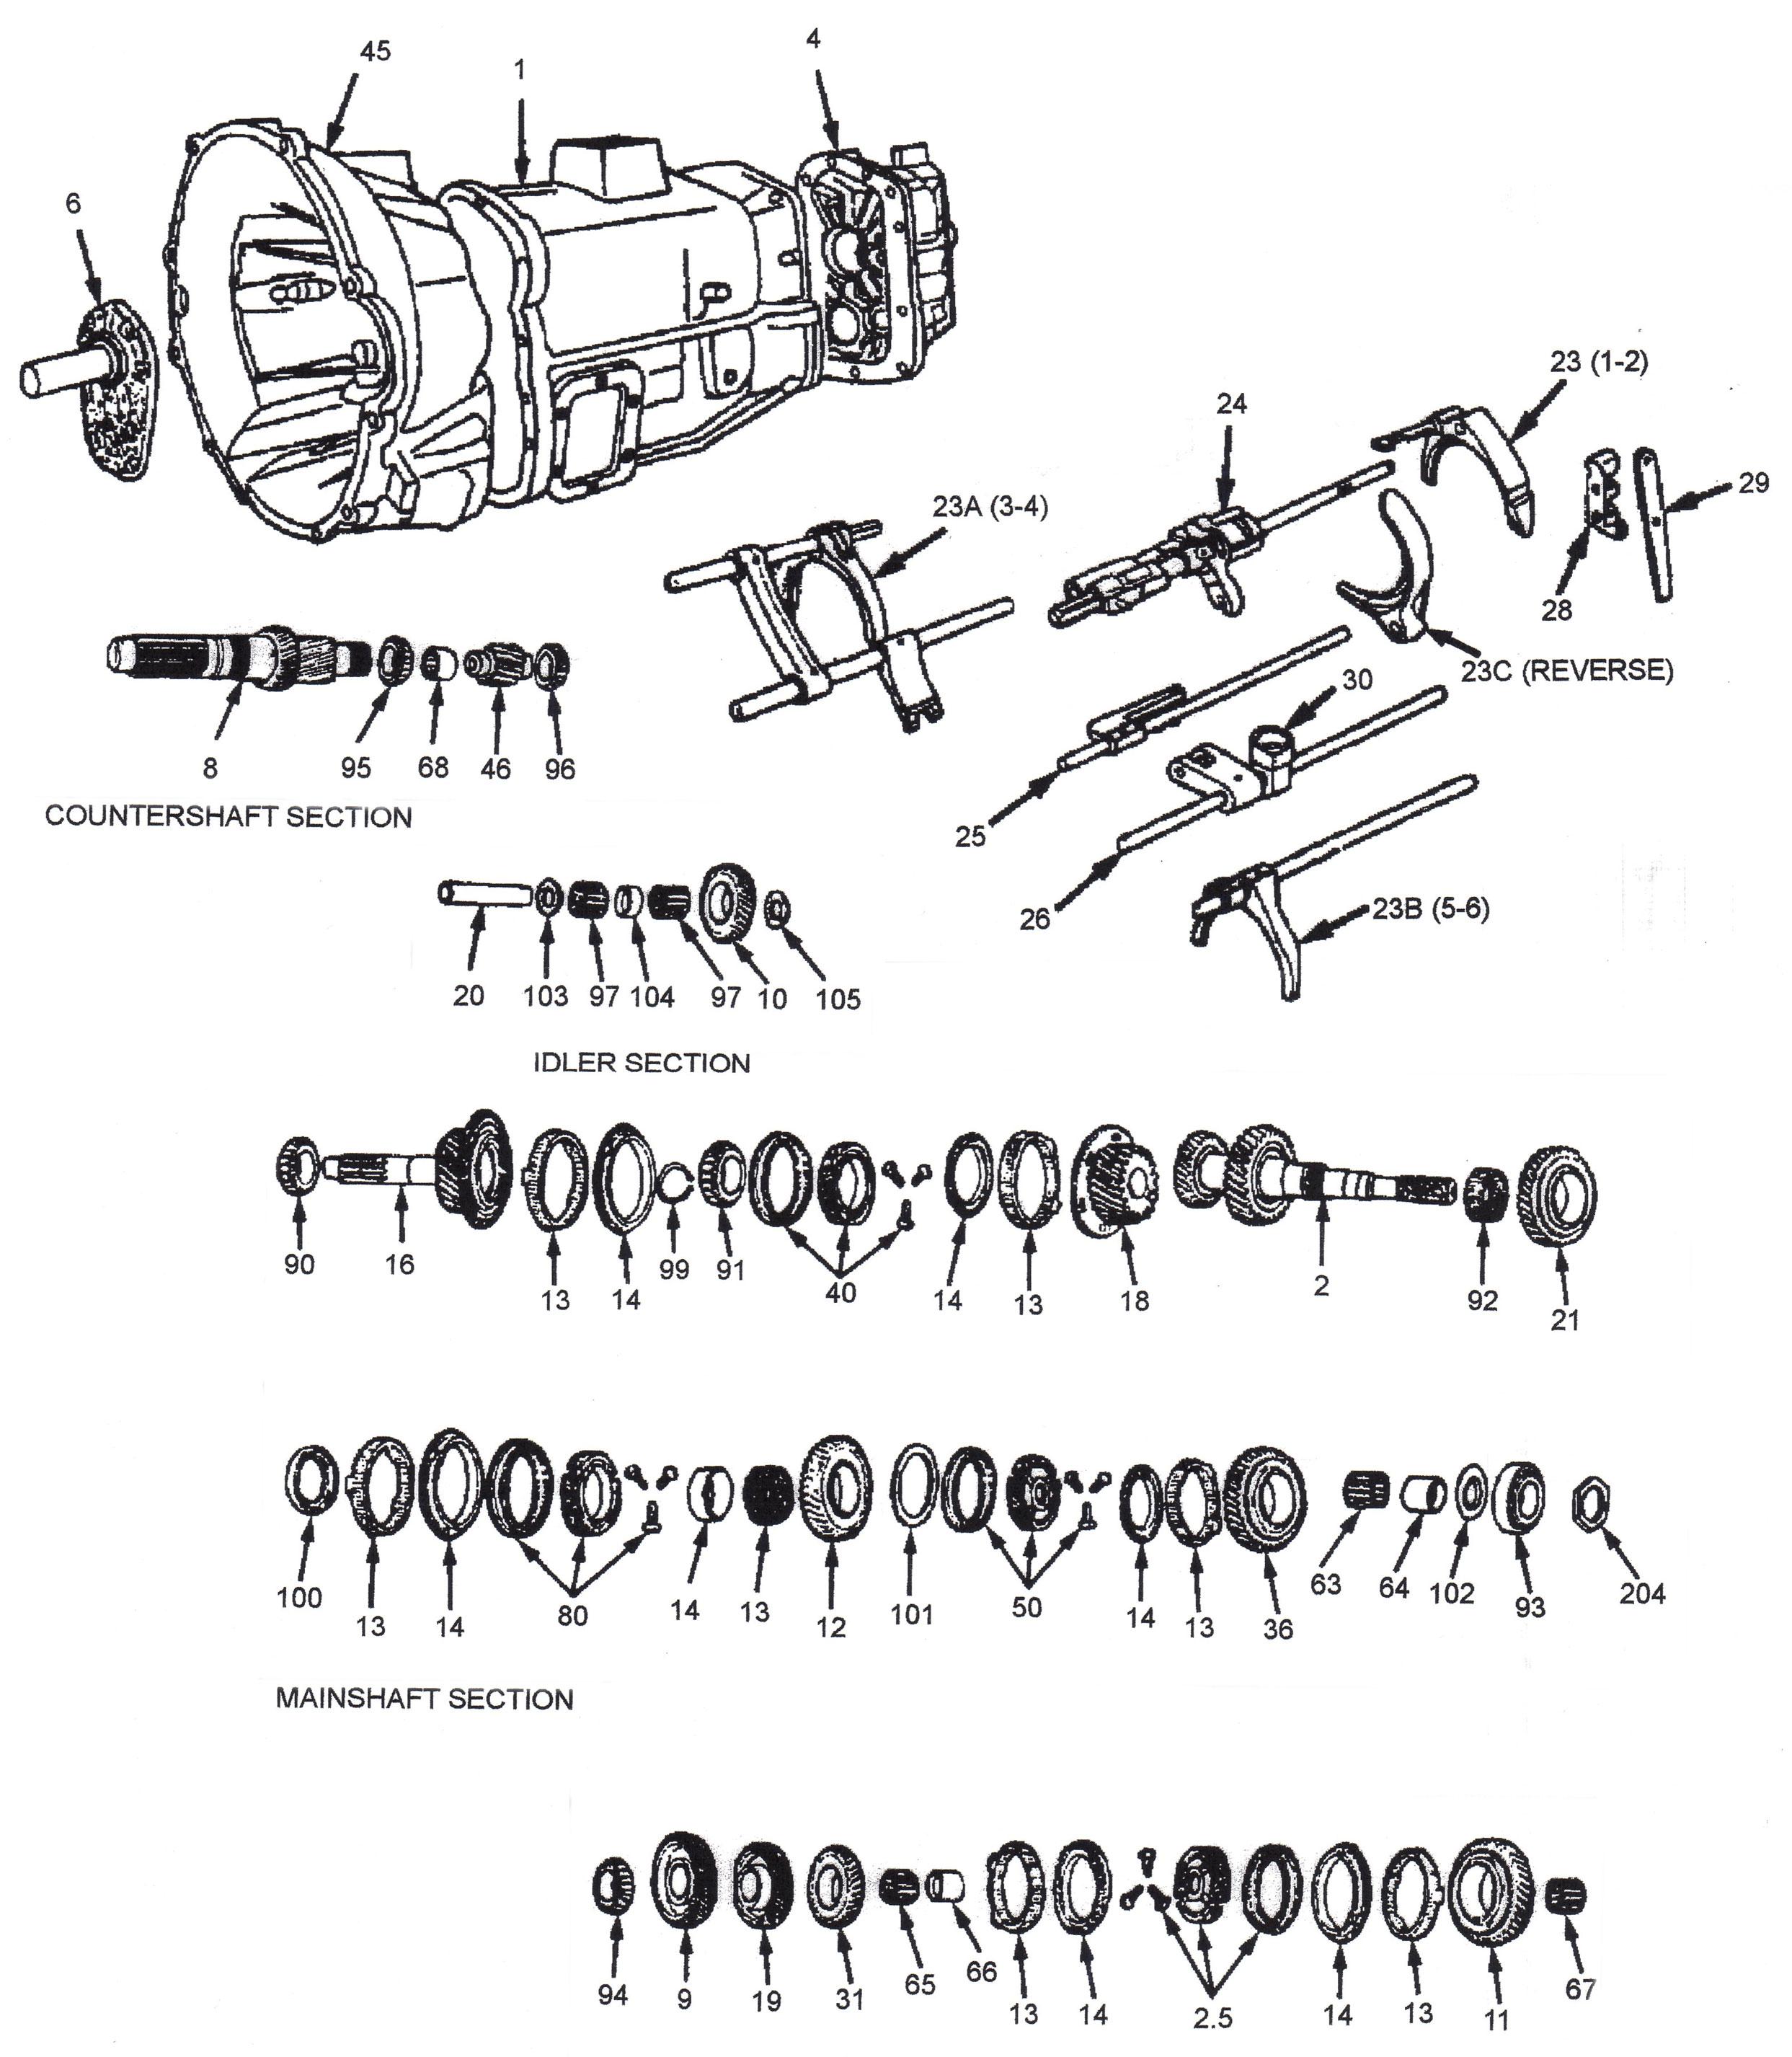 saturn transmission parts diagram gv 6578  diagram furthermore 5 speed manual transmission diagram  5 speed manual transmission diagram